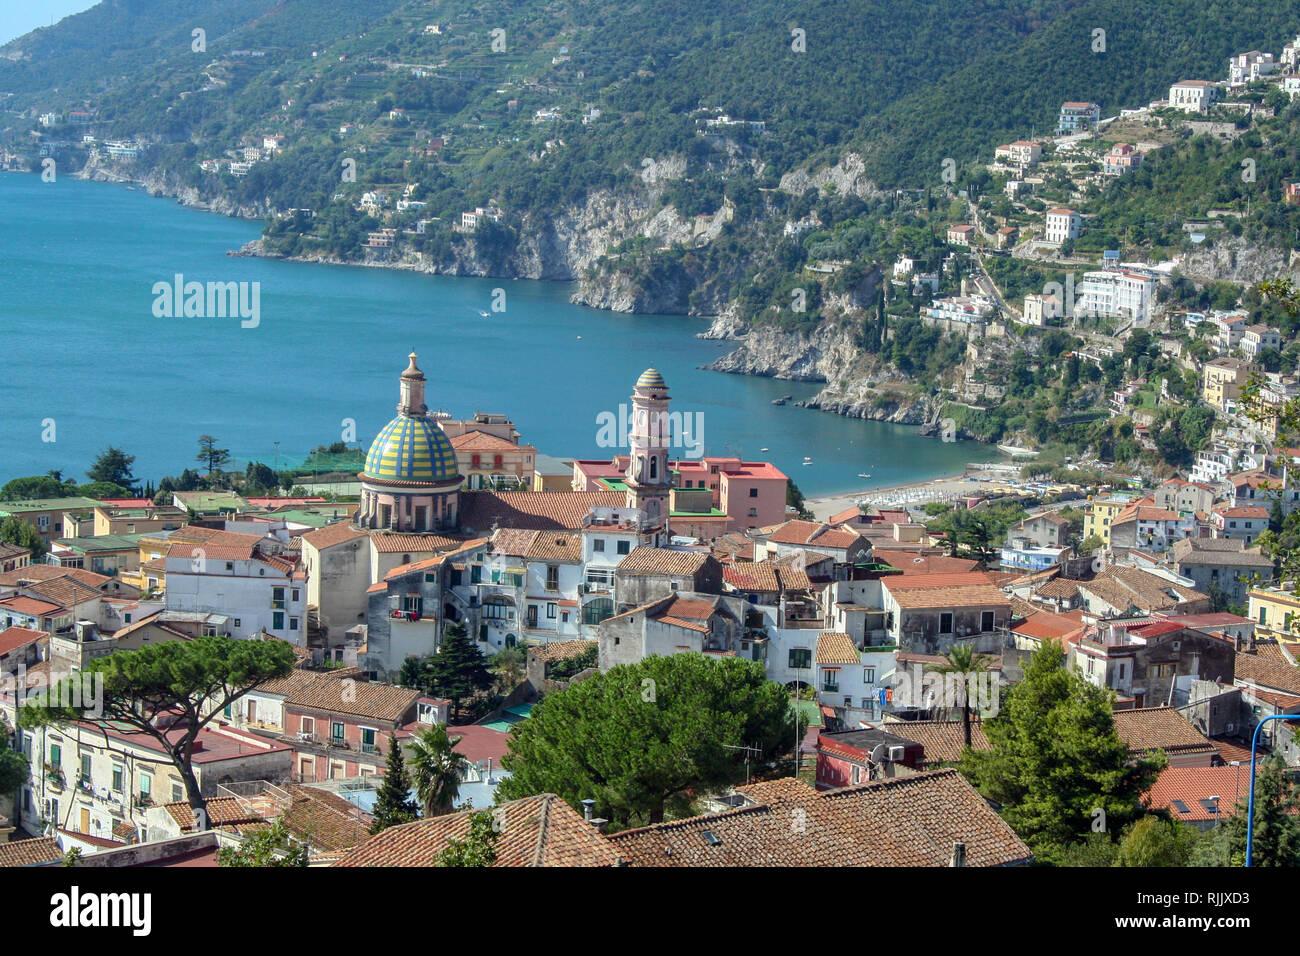 Landscape of Vietri sul Mare, beautiful town on Amalfi coast, Campania, Italy Stock Photo